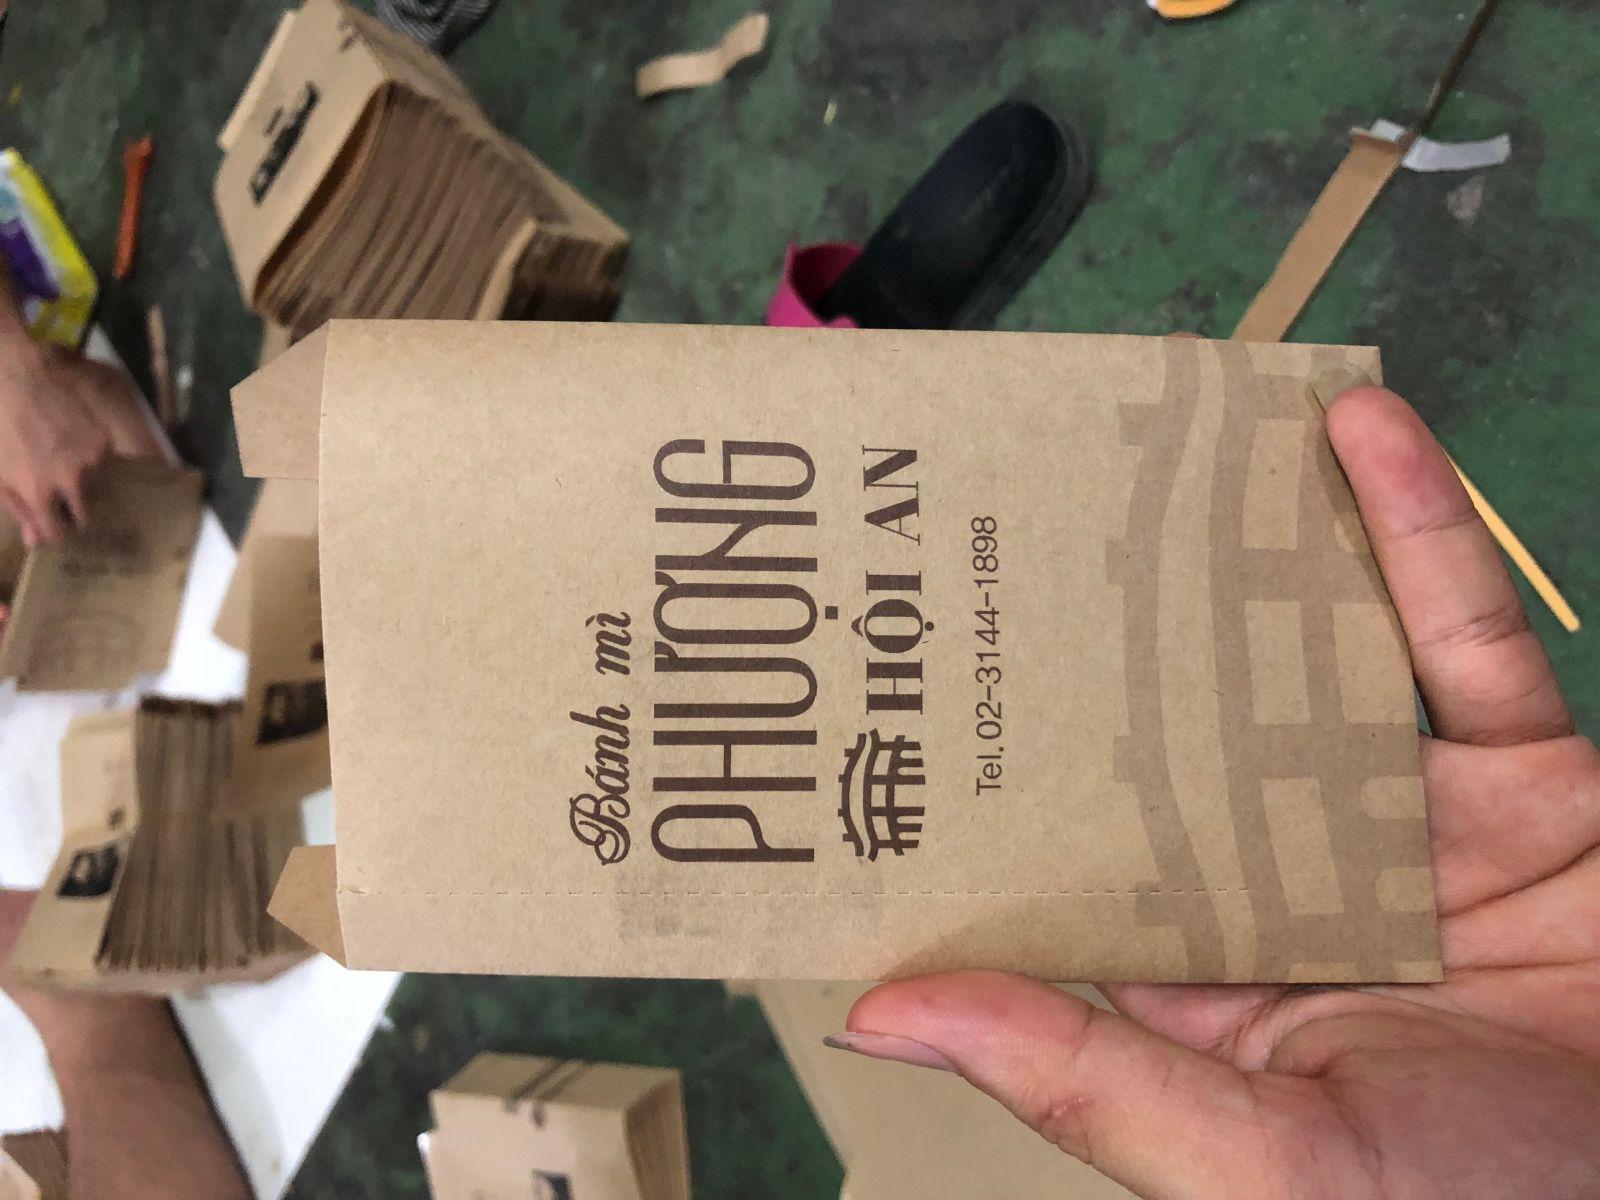 dịch vụ in túi giấy đựng bánh mì que giá tốt